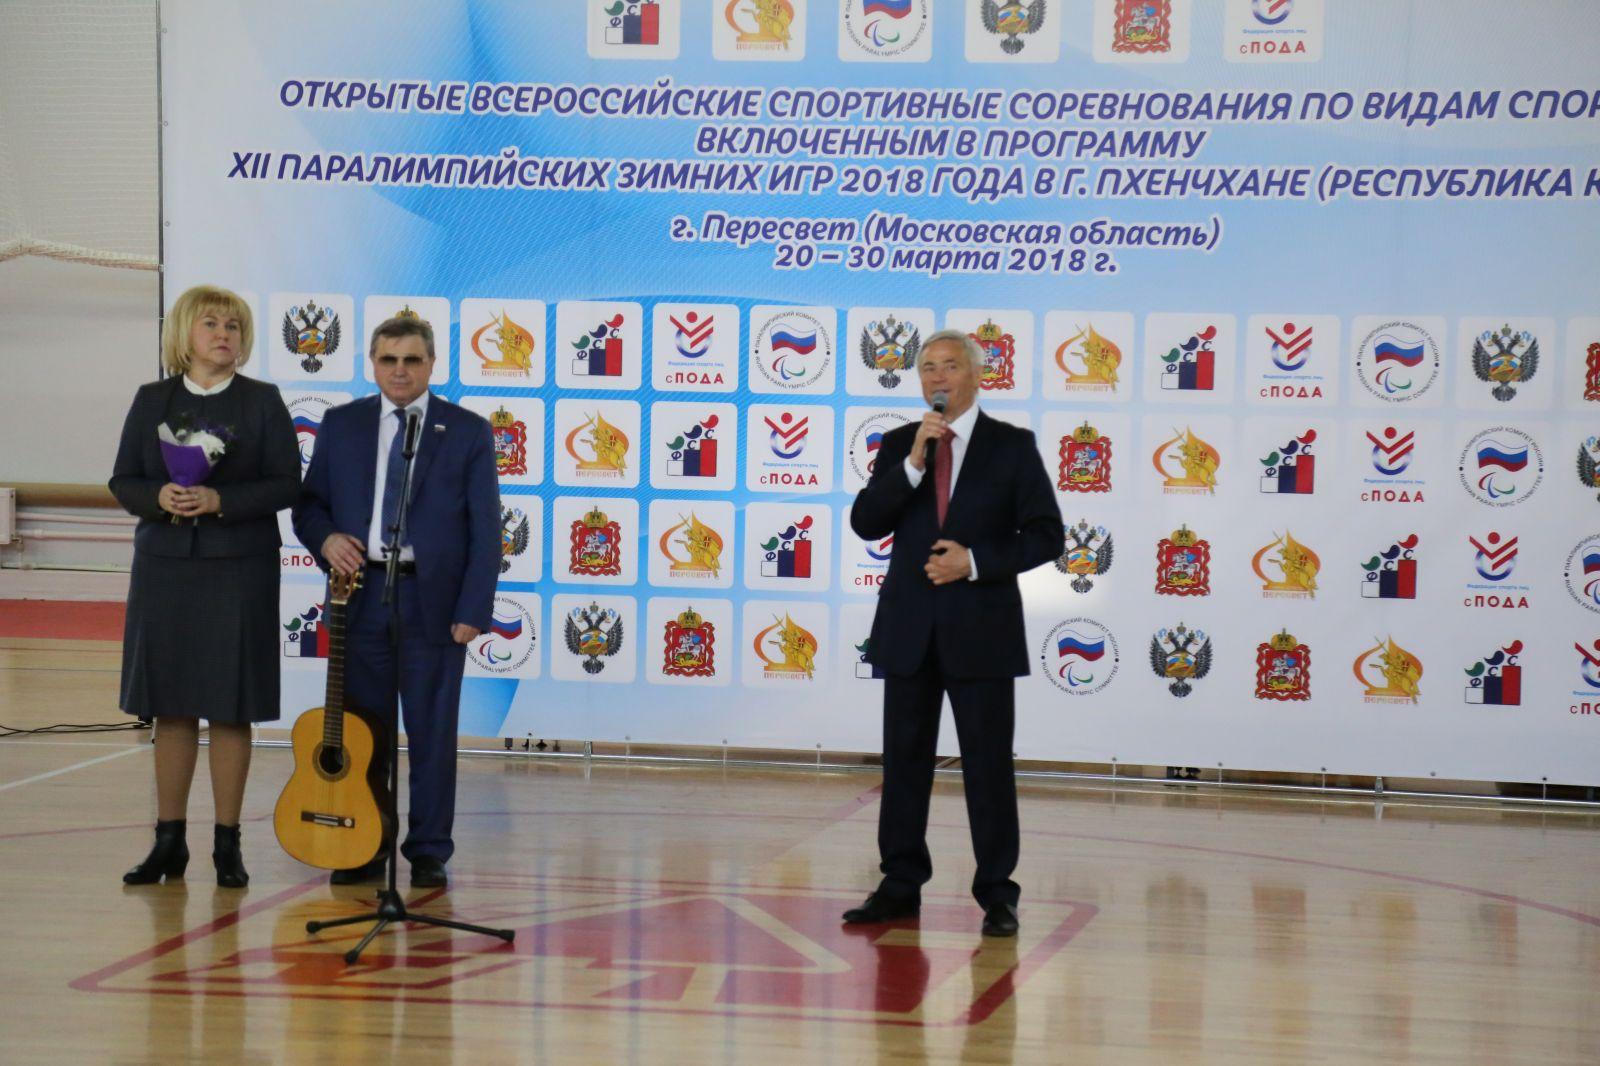 В г. Пересвет (Московская область) состоялись торжественная церемония закрытия Открытых Всероссийских соревнований по видам спорта, включенным в программу XII Паралимпийских зимних игр 2018 года в г. Пхенчхан (Республика Корея)